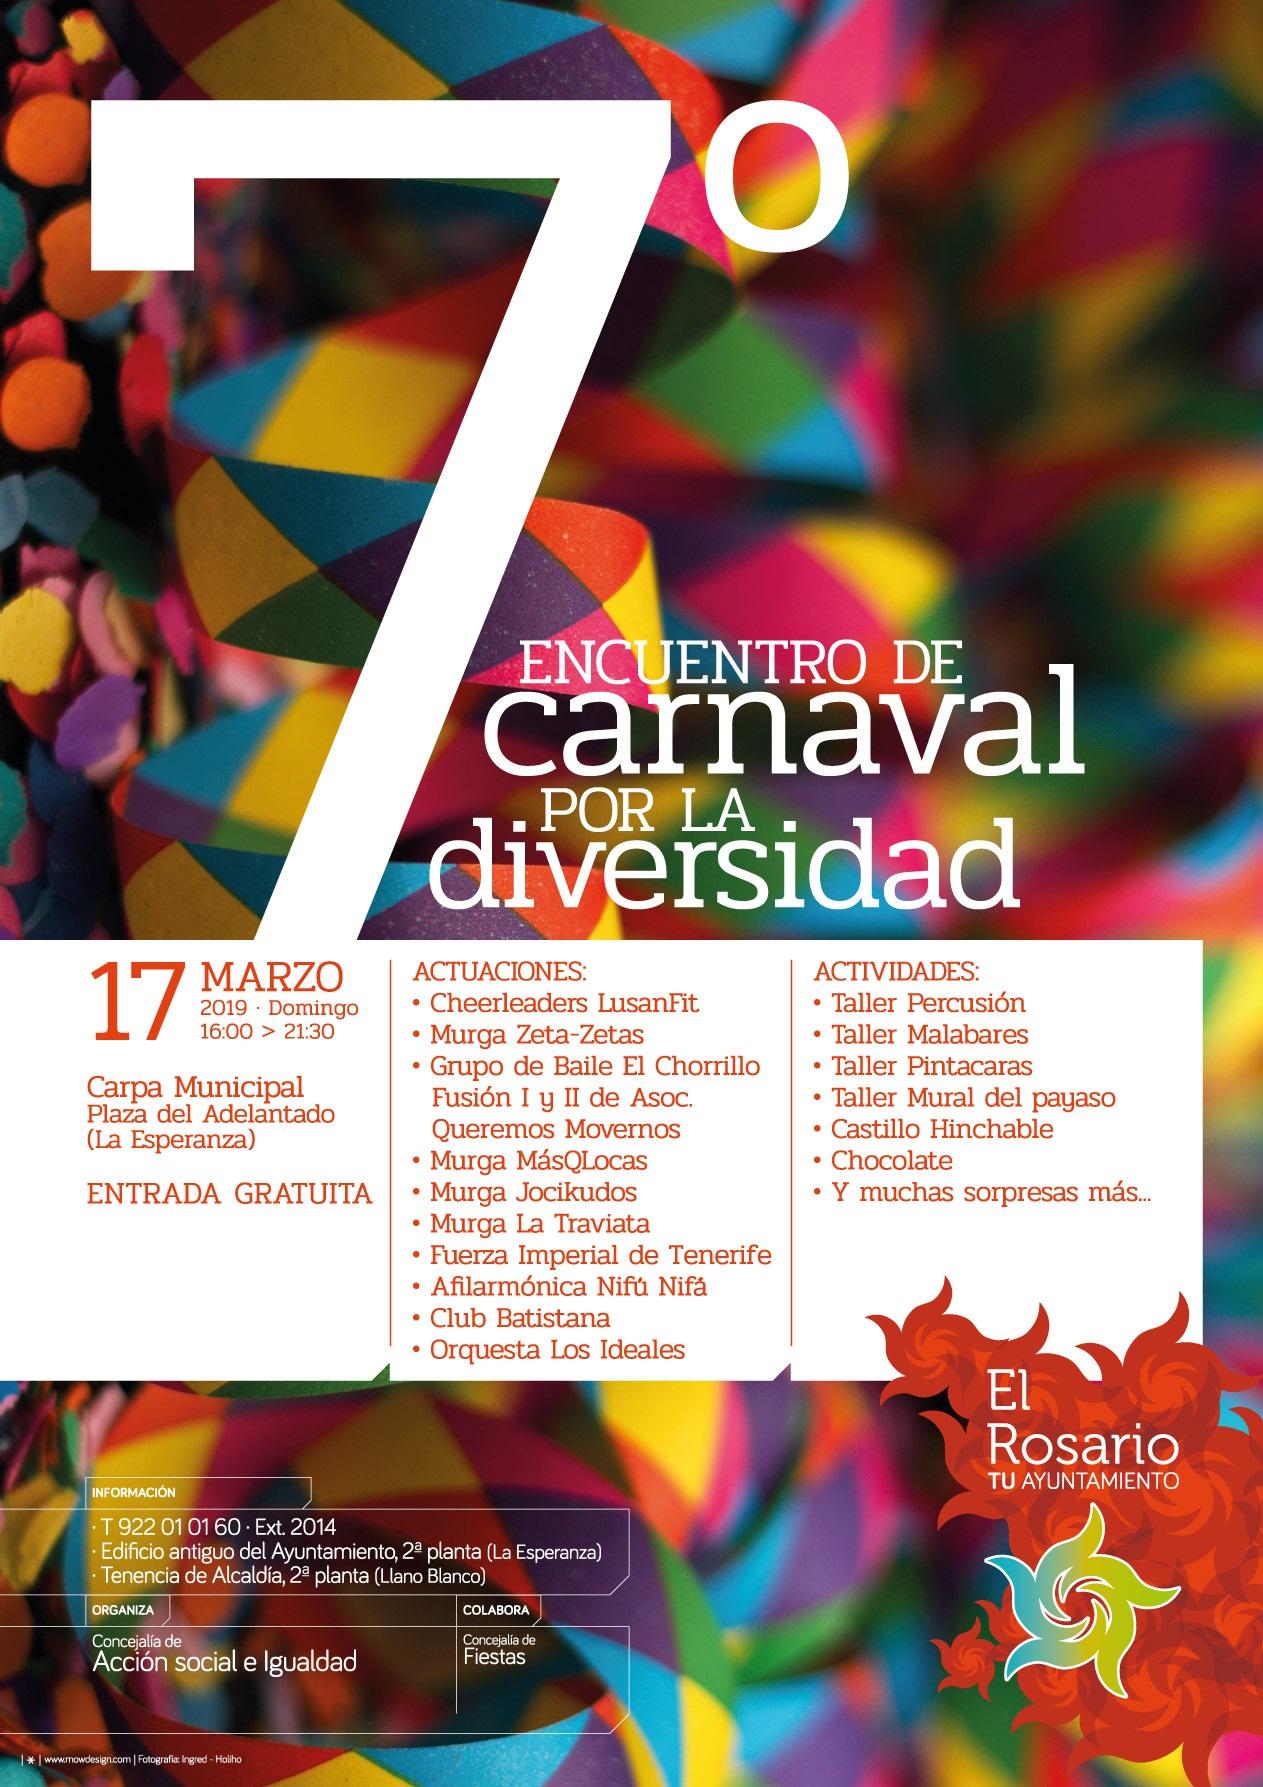 CARNAVAL_DIVERSIDAD-20190317-CARTEL_A3-20190306-03af-redes